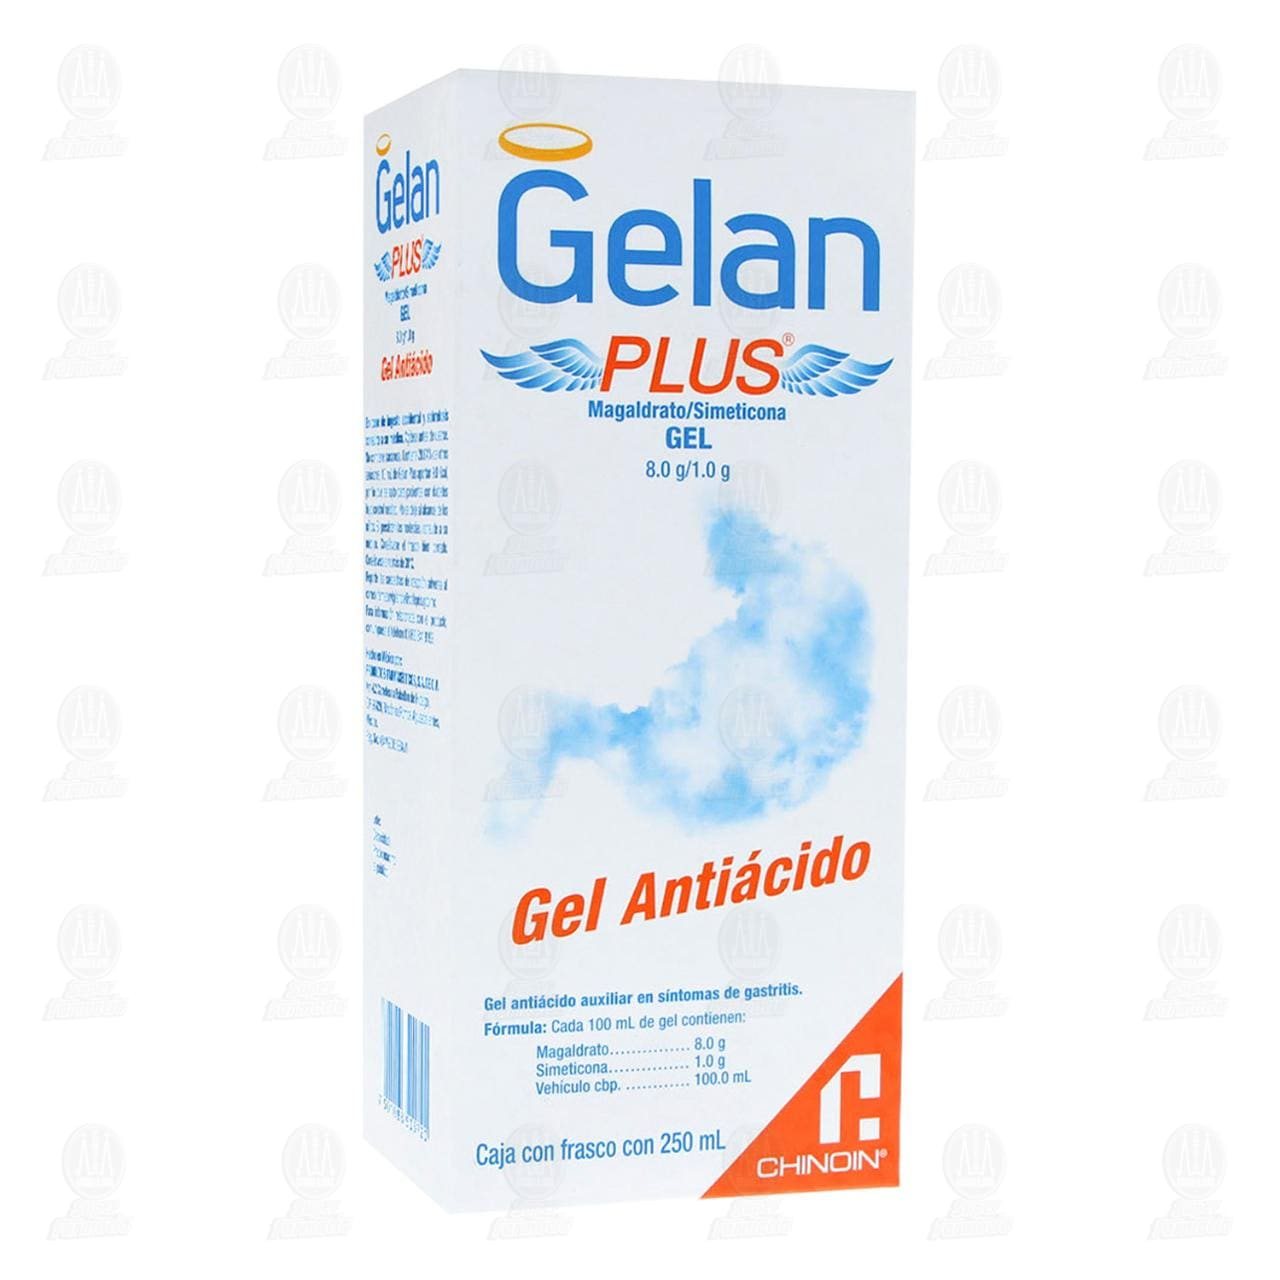 Comprar Gelan Plus Suspensión Gel 250ml Frasco en Farmacias Guadalajara